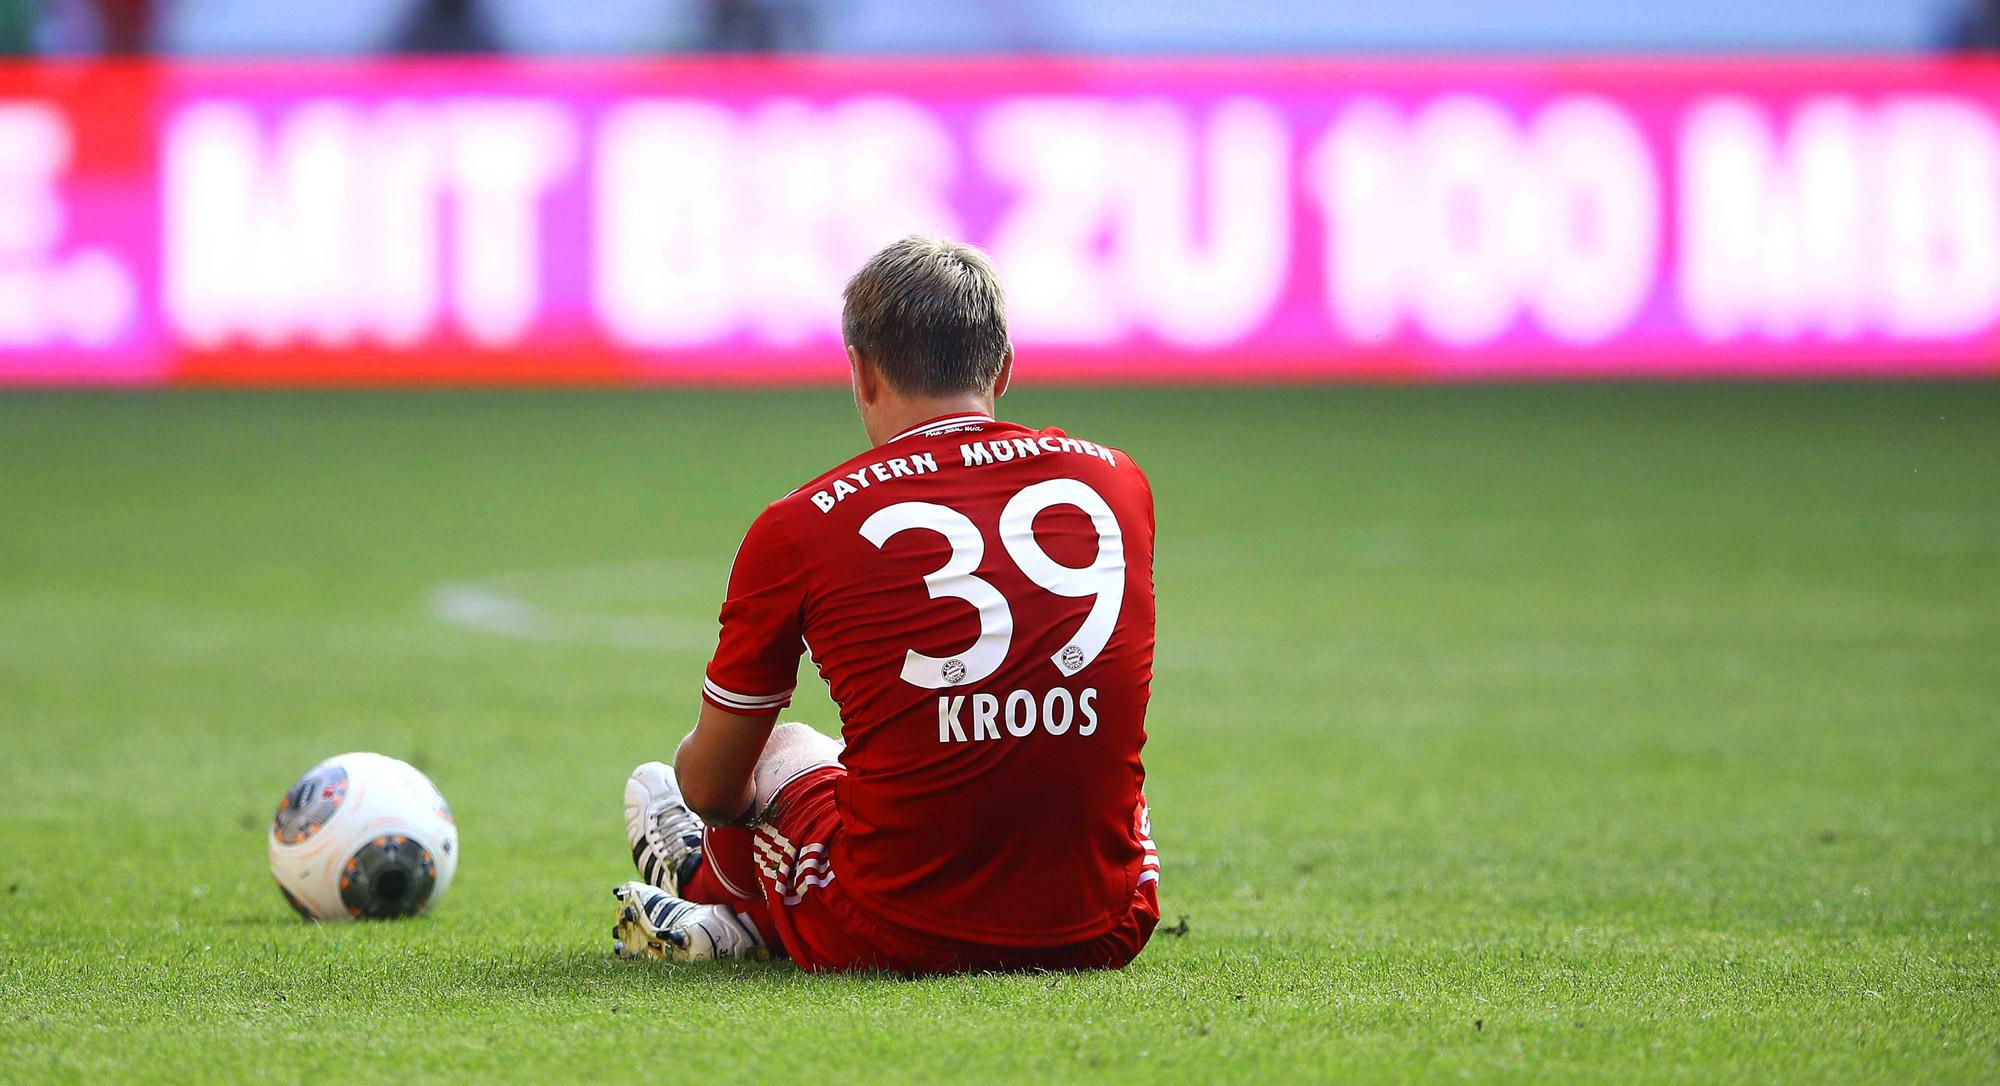 Beim FC Bayern spielt Kroos solide Jahre.